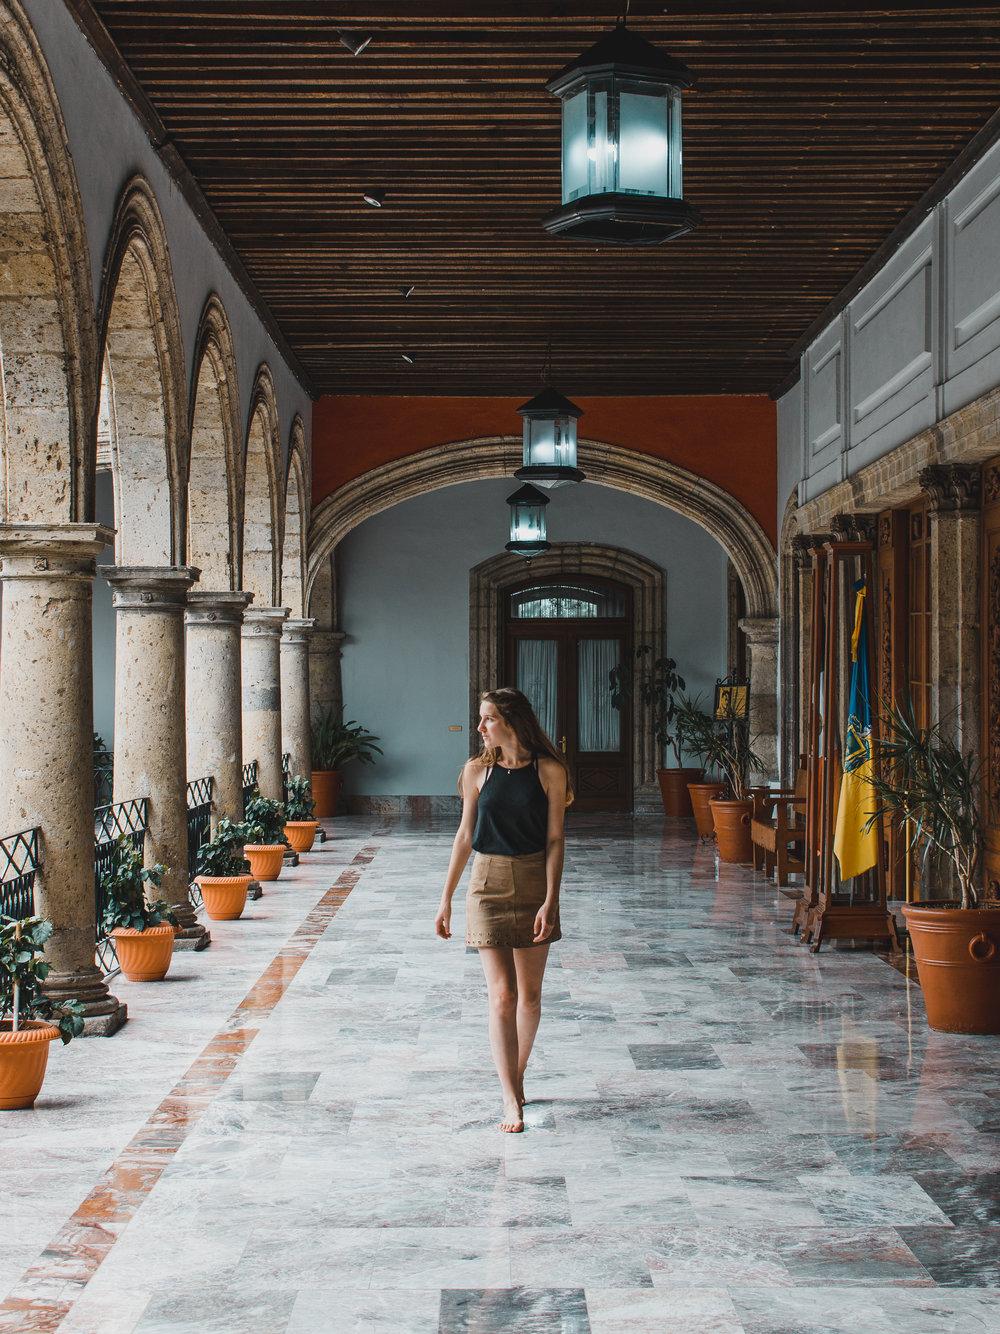 Strolling through the halls of Palacio de Gobierno in Guadalajara, Mexico